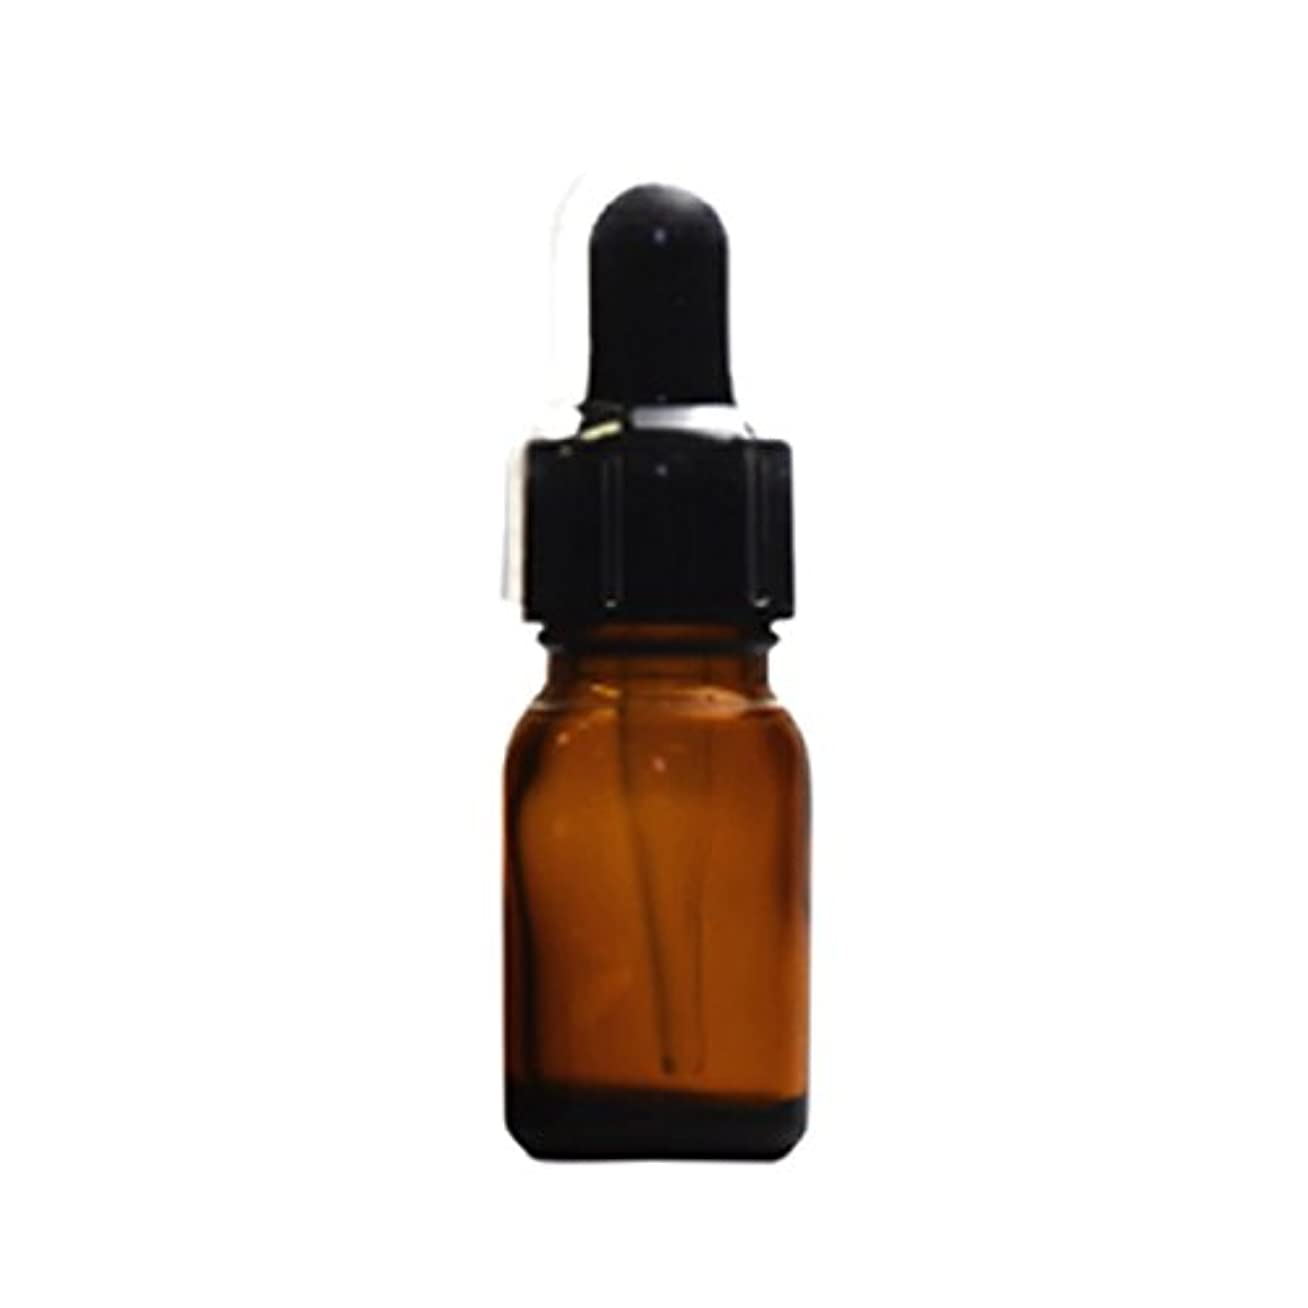 スポイトキャップ付茶色遮光瓶10ml(黒/ガラススポイトキャップ付/オーバーキャップ付)